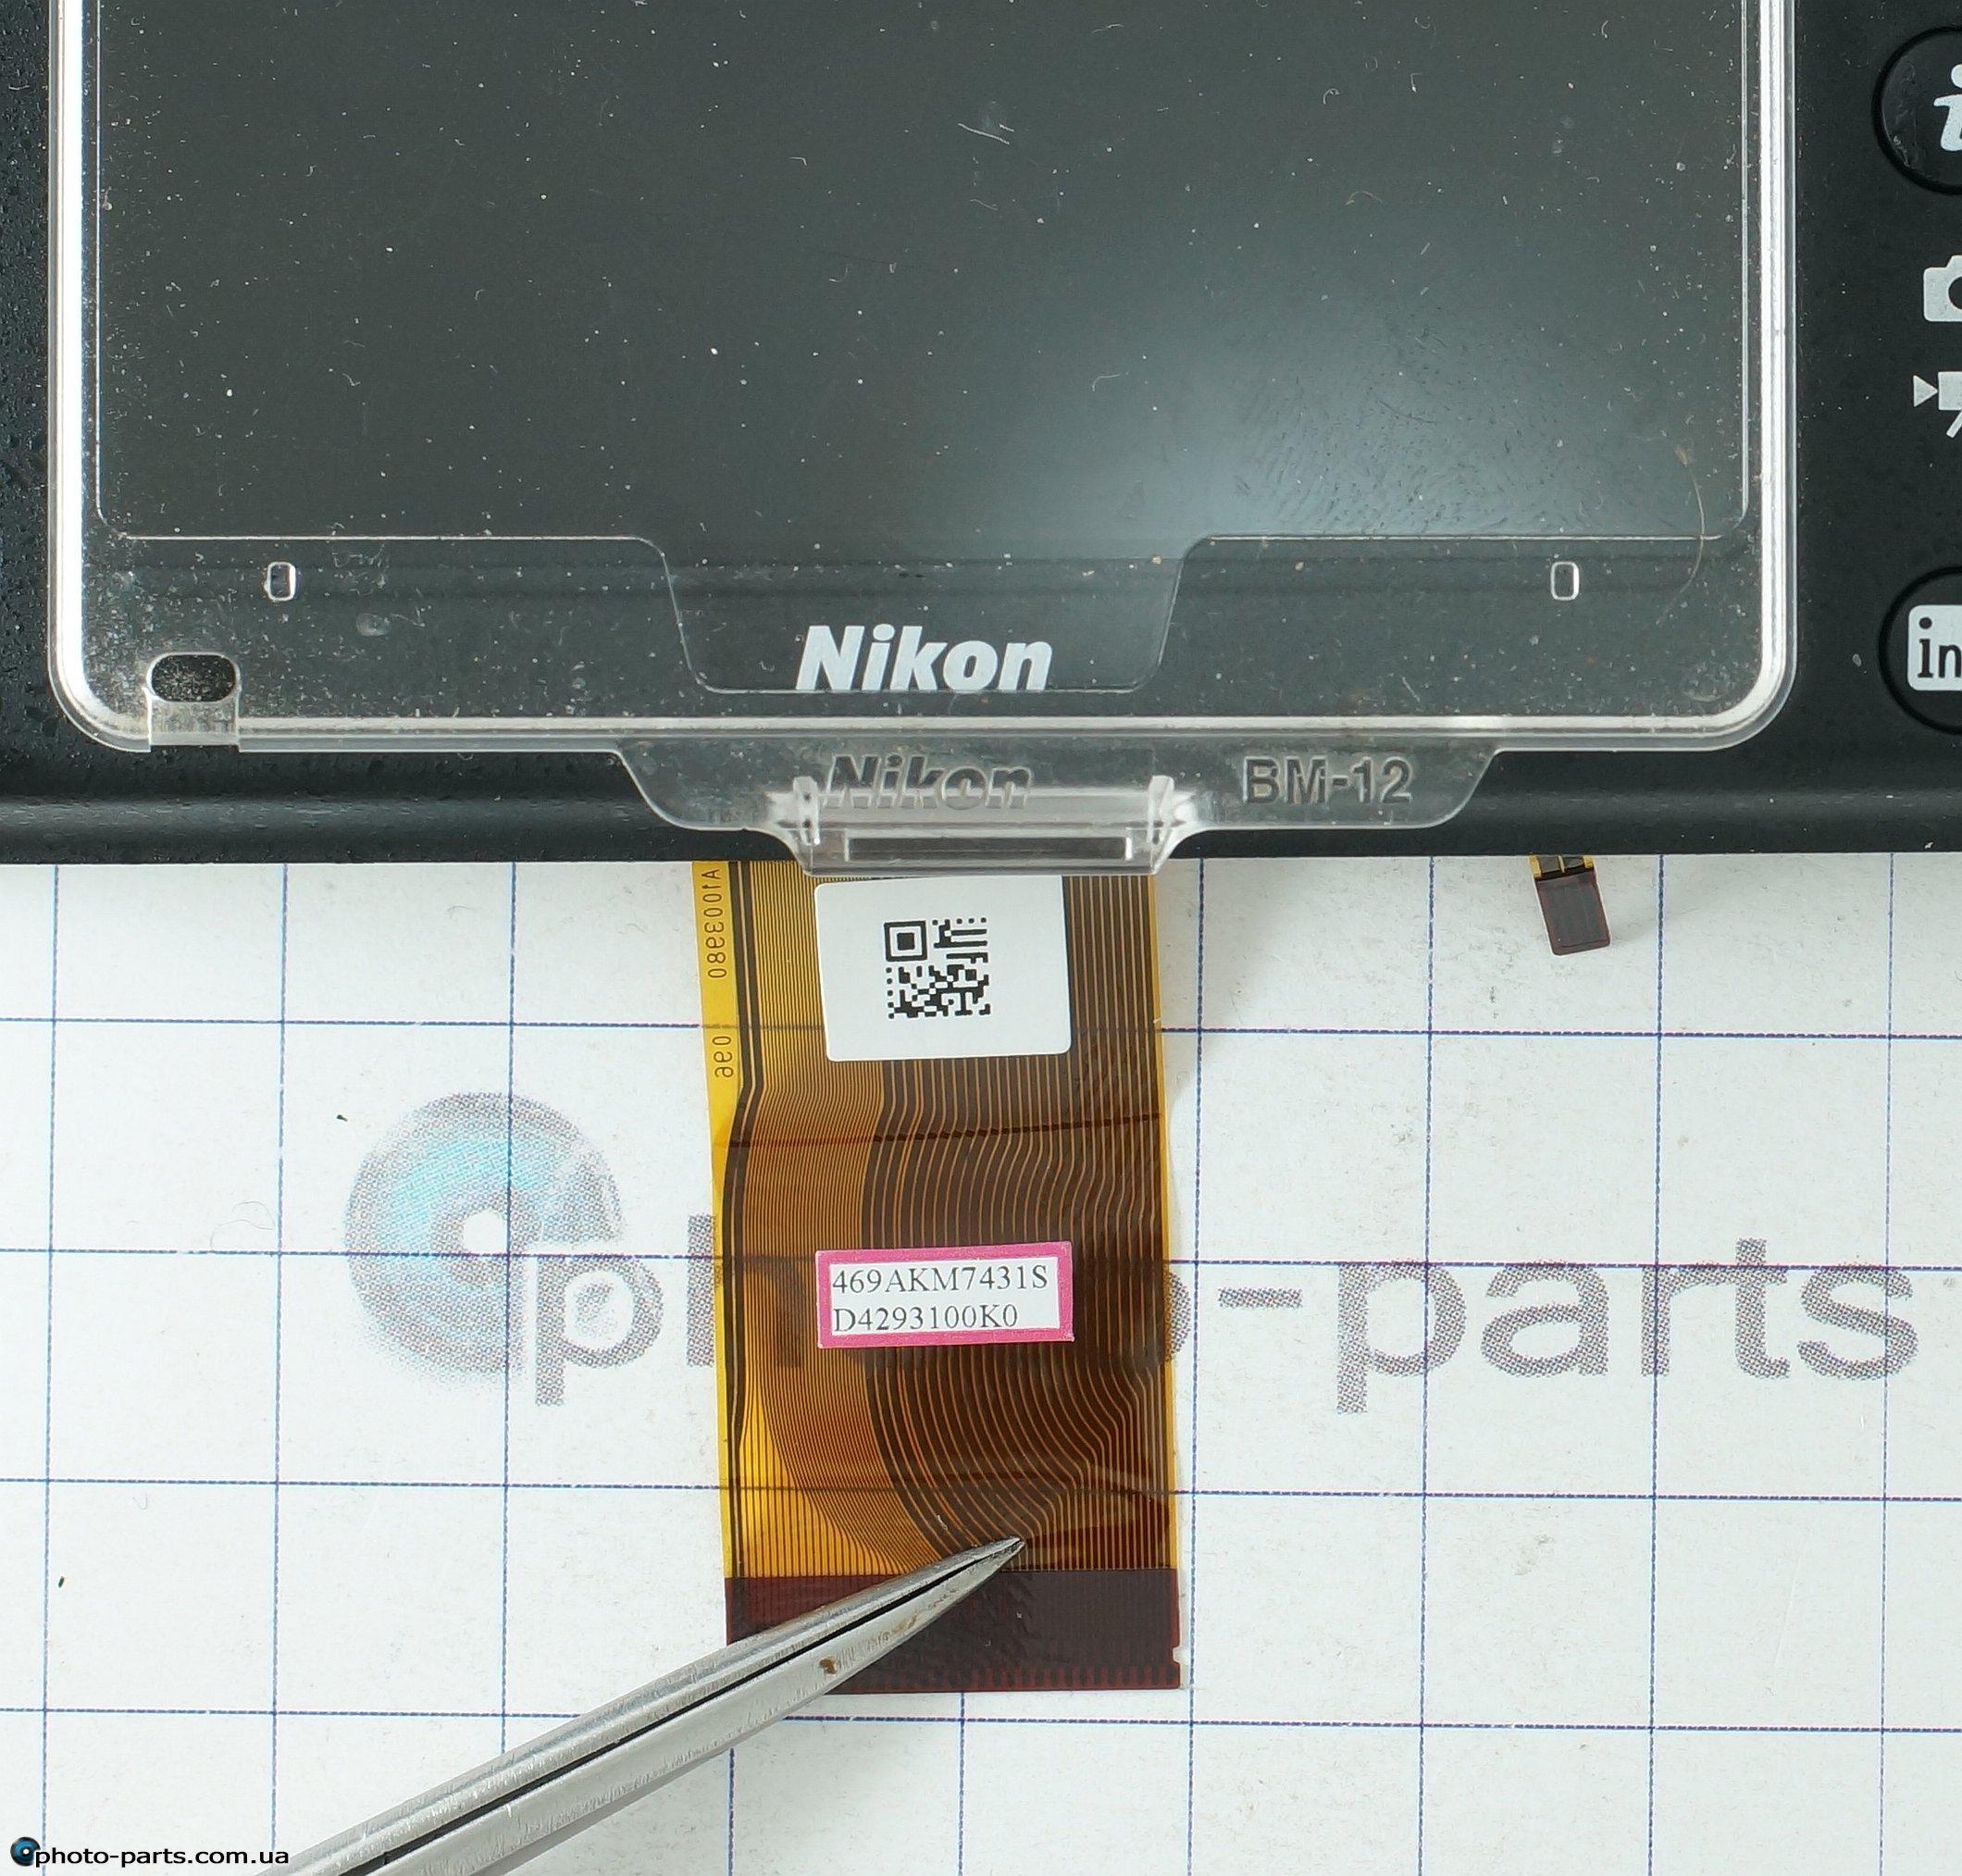 инструкция на русском языке фотоаппарат канон дс126291